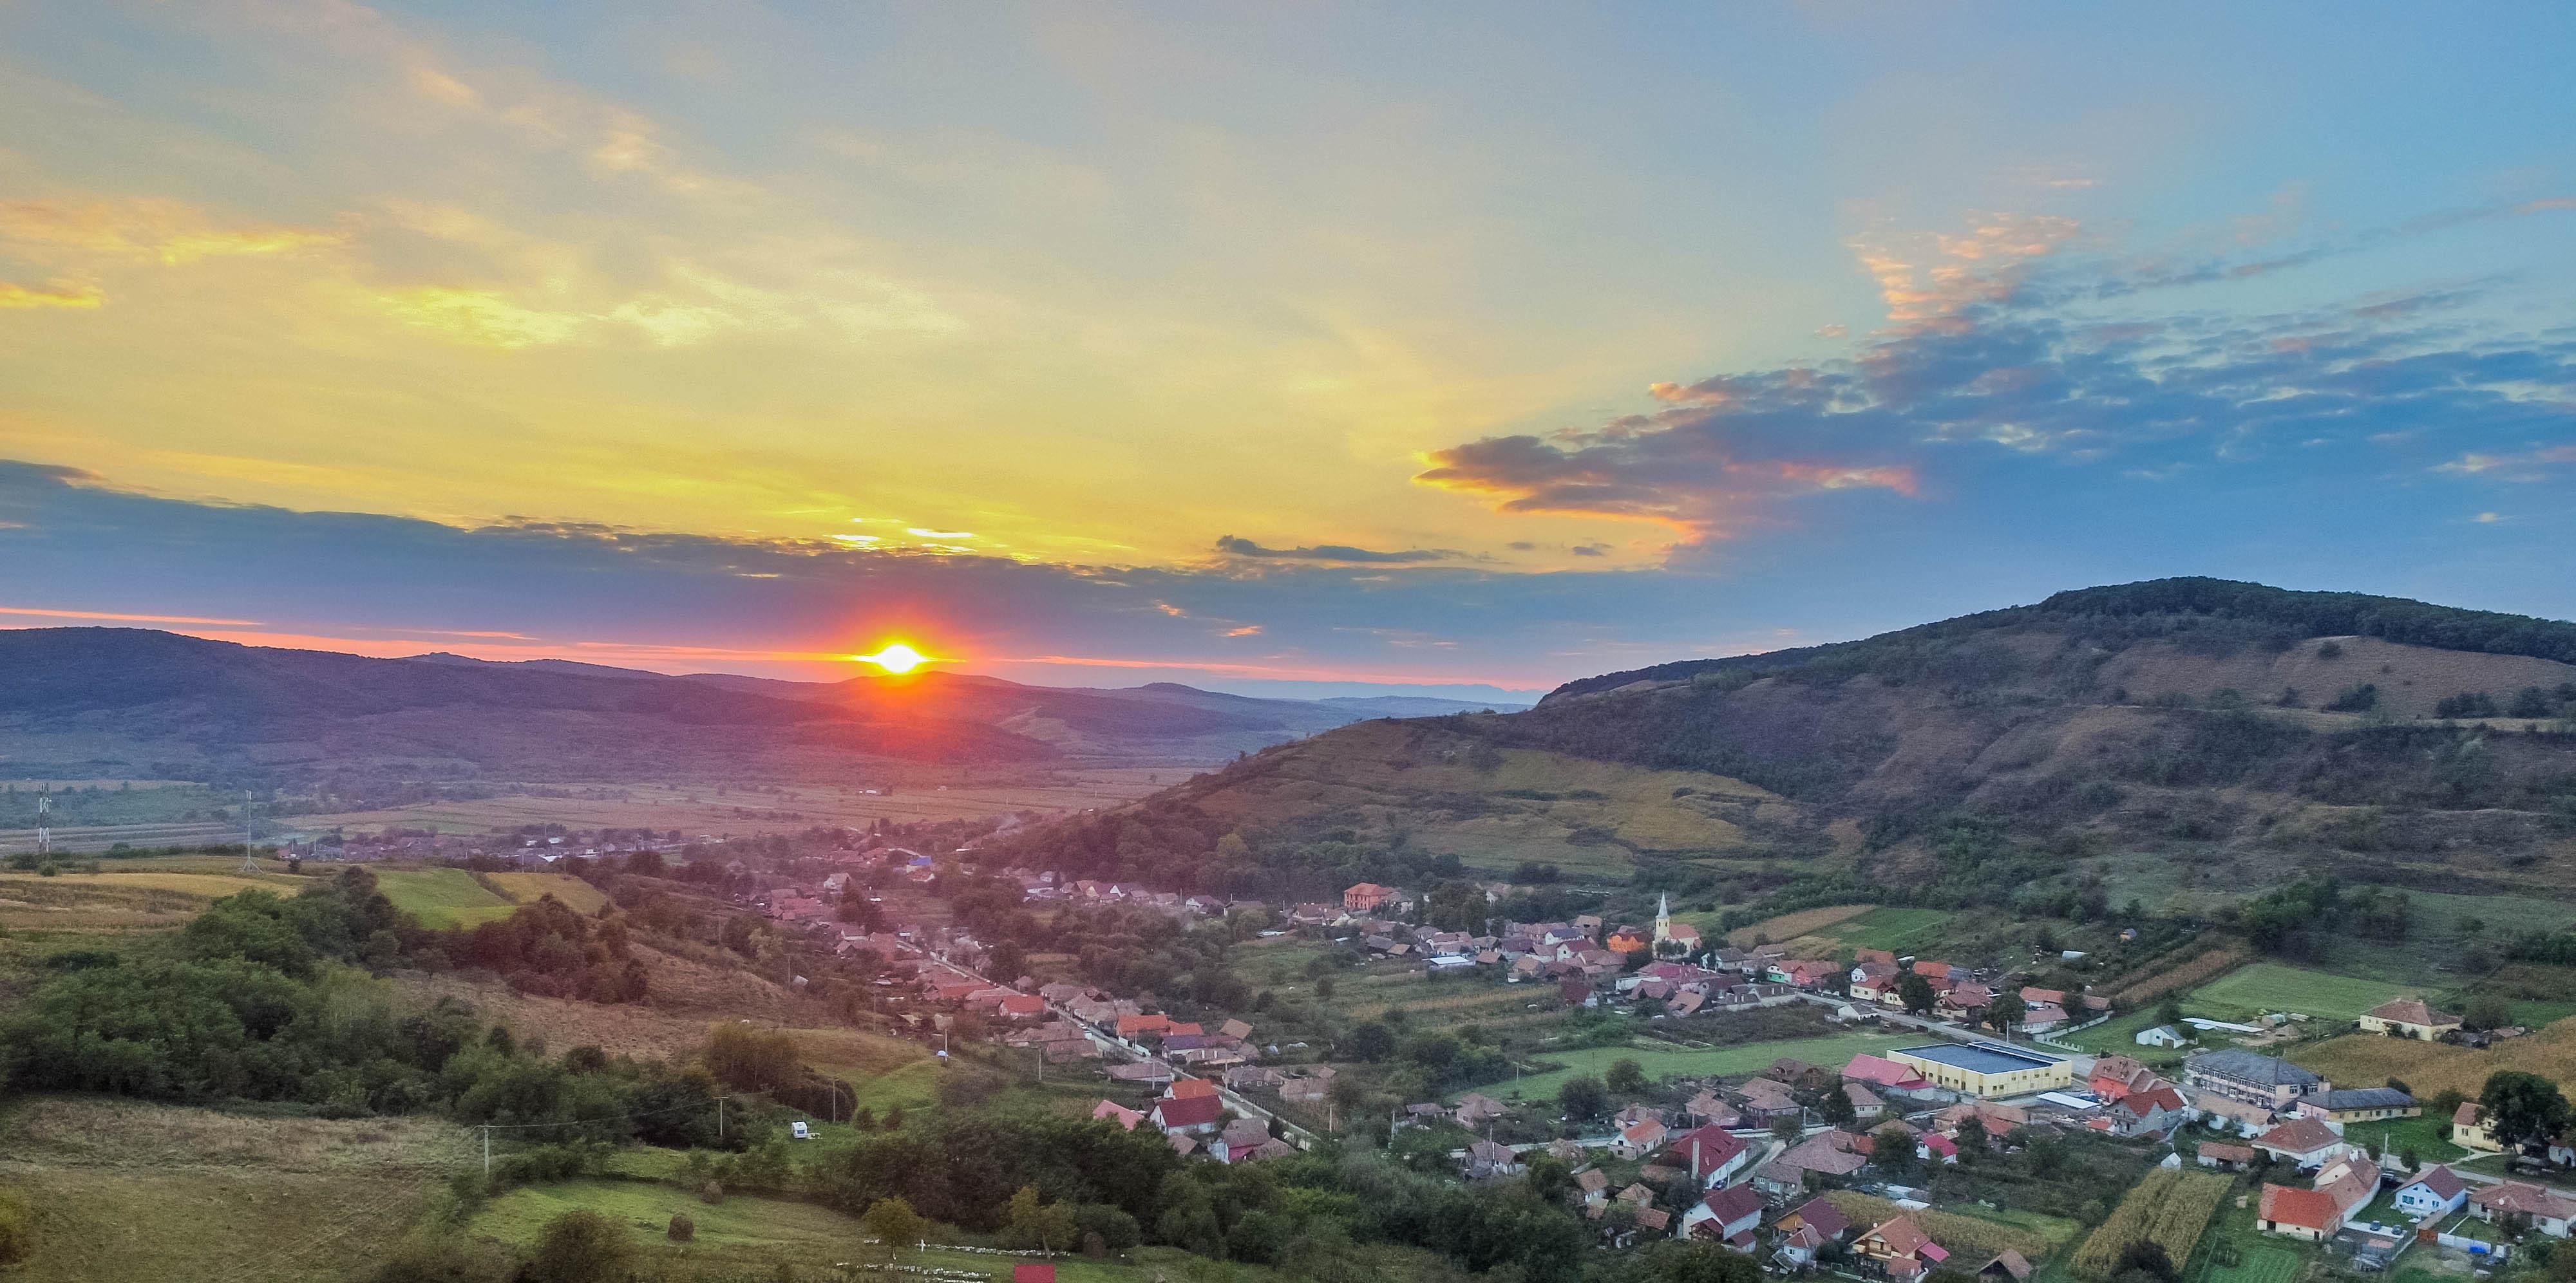 Atestarea documentara a Comunei Valea Lunga